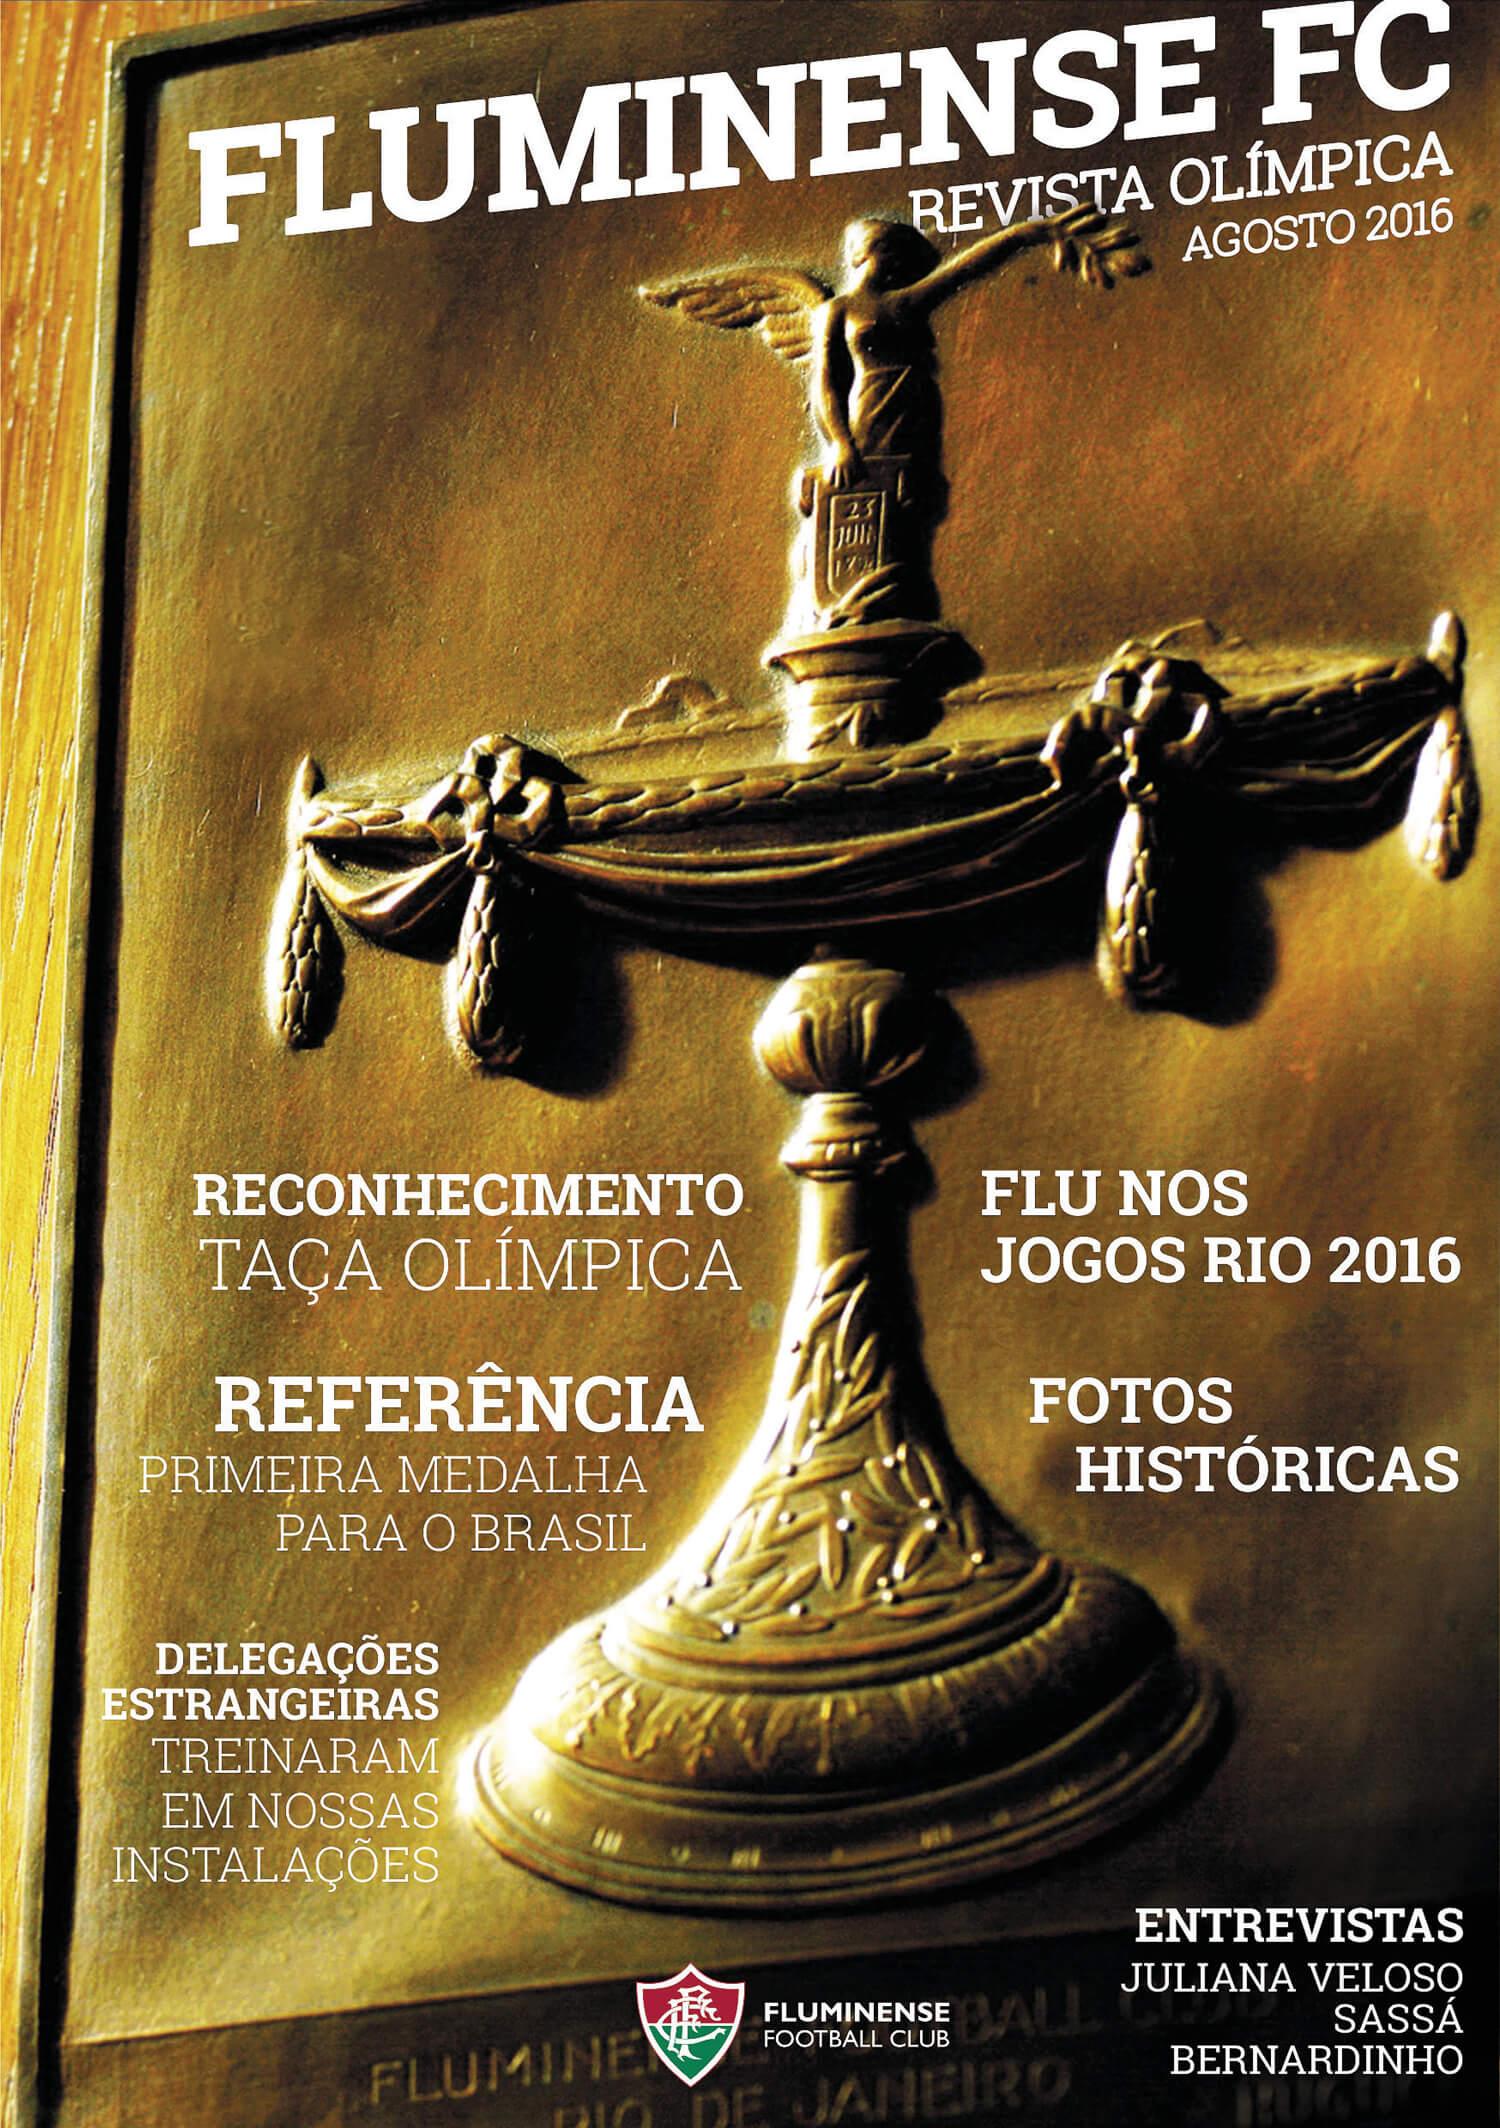 Revista Olimpica - Parte 3